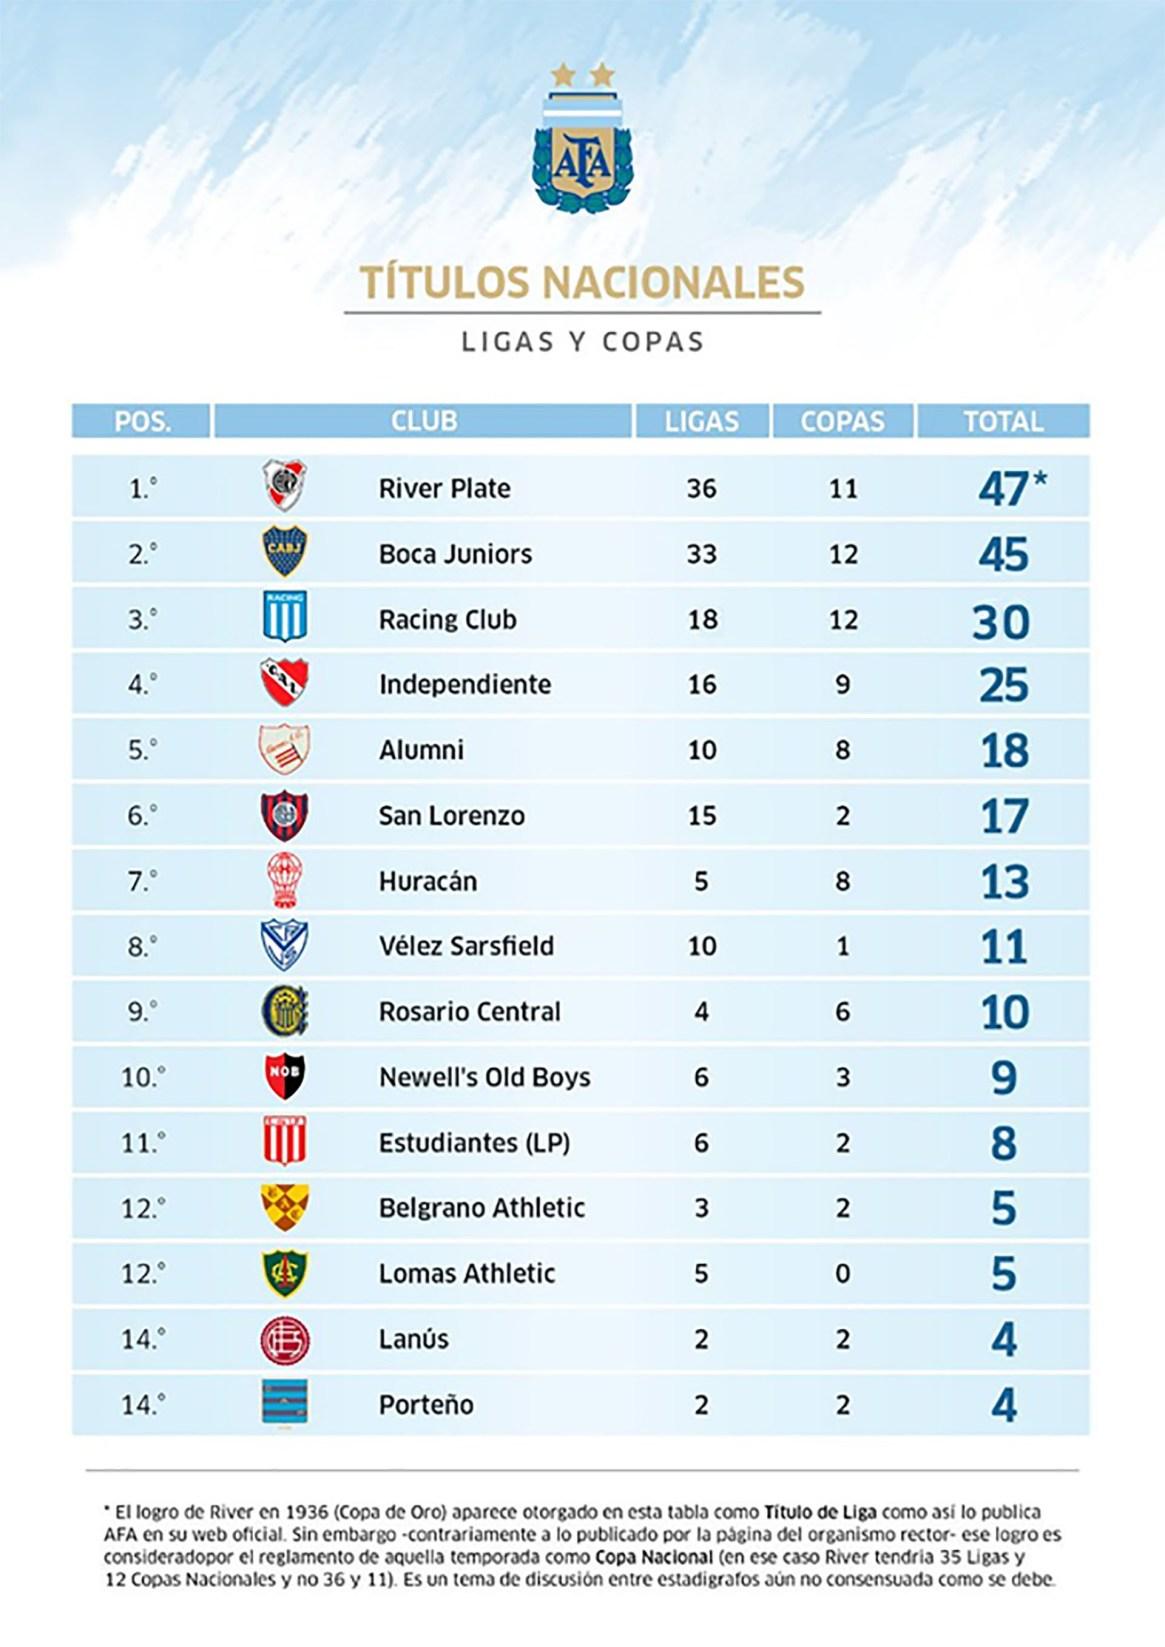 La tabla histórica de títulos nacionales (Ligas y Copas) del fútbol argentino (Fuente: rhdelfutbol)